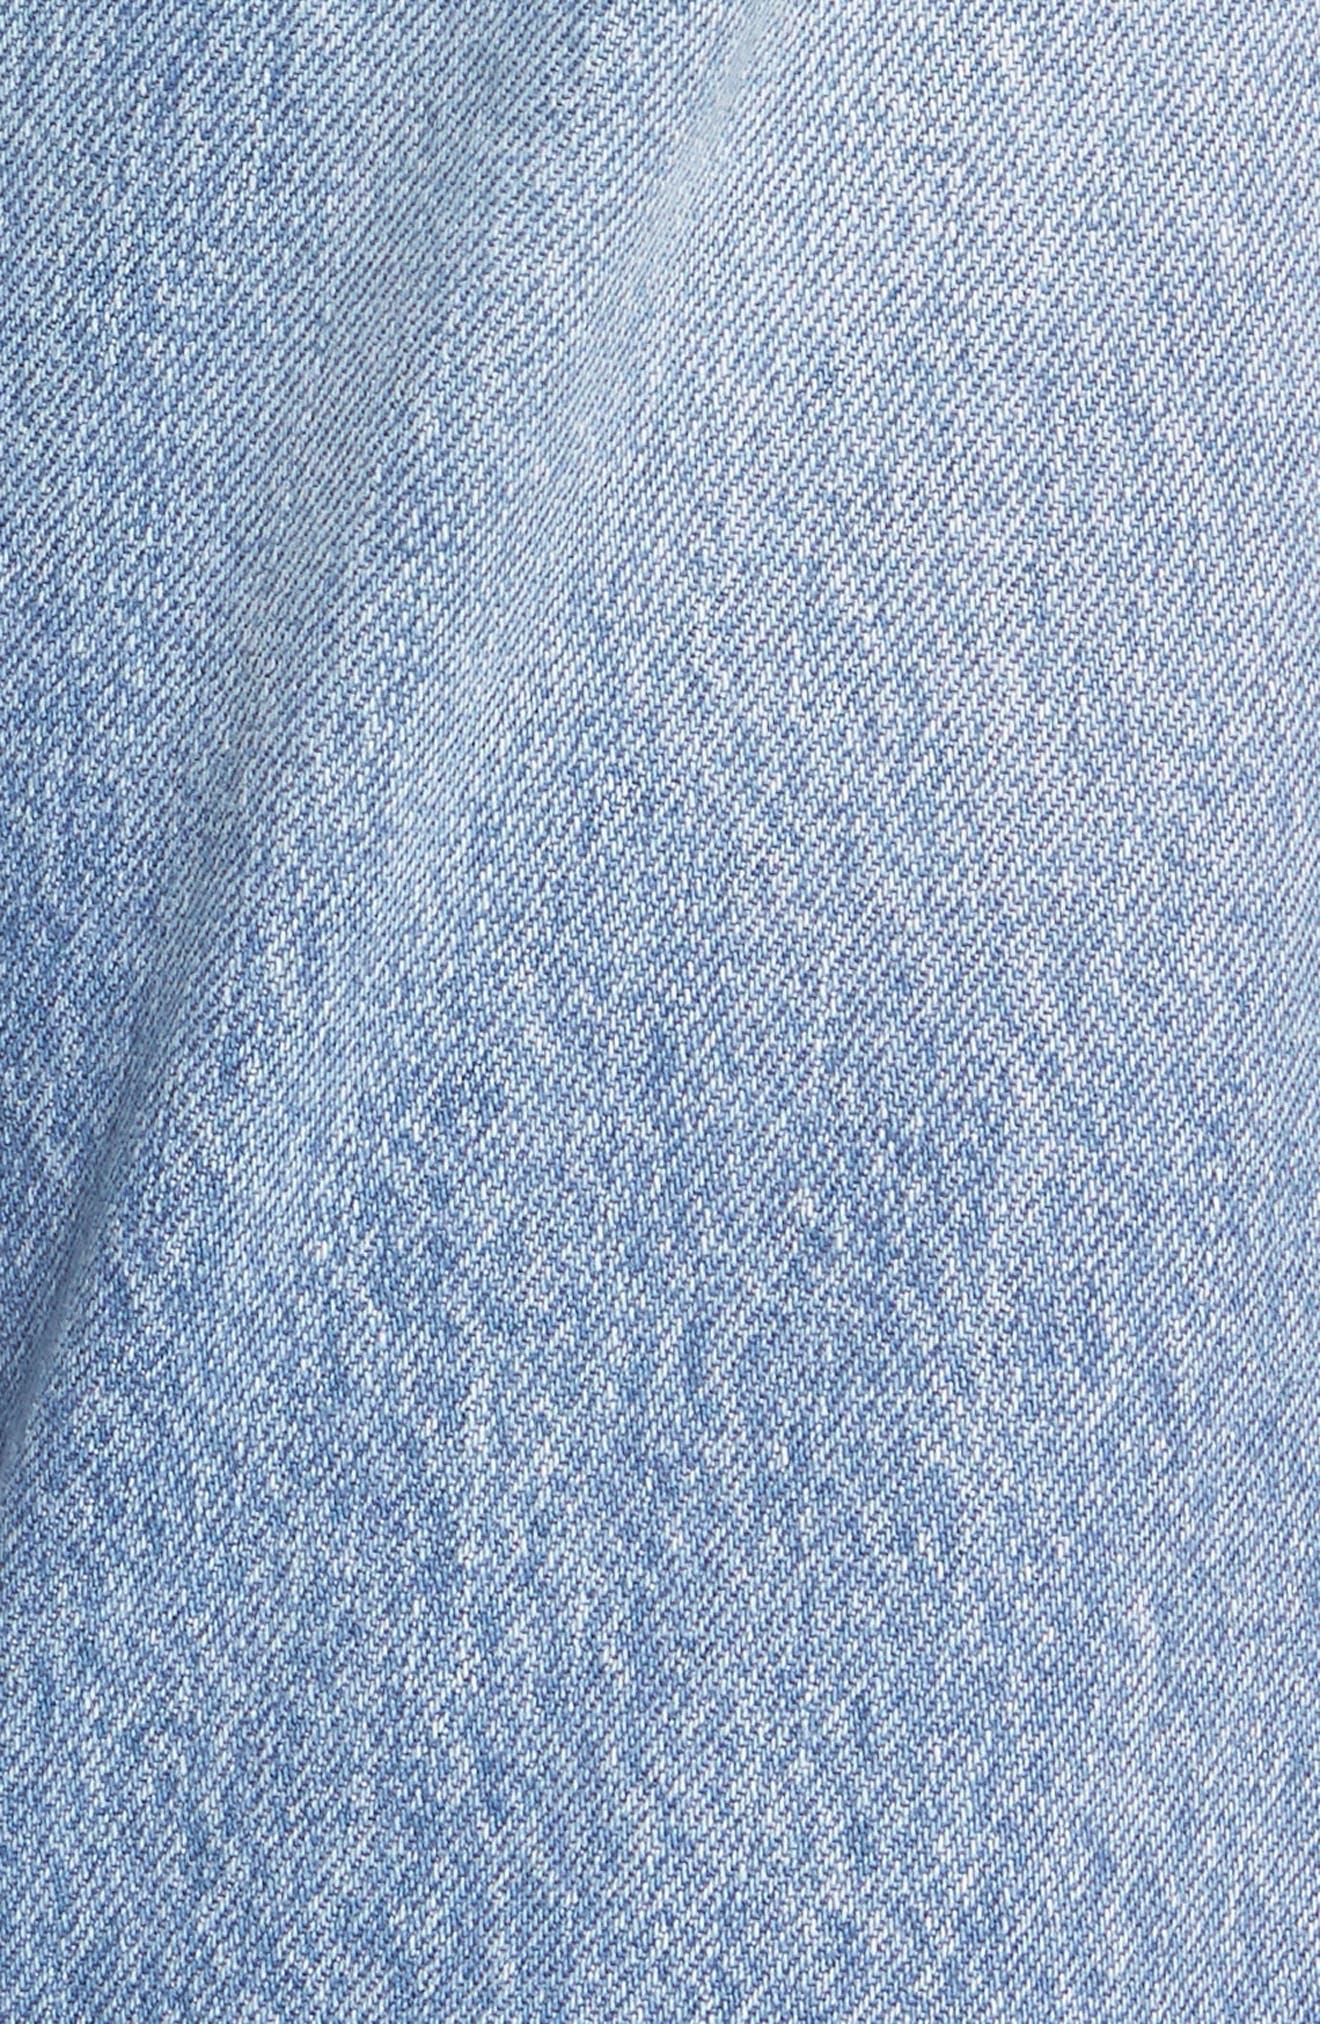 501 Crop Jeans,                             Alternate thumbnail 5, color,                             420